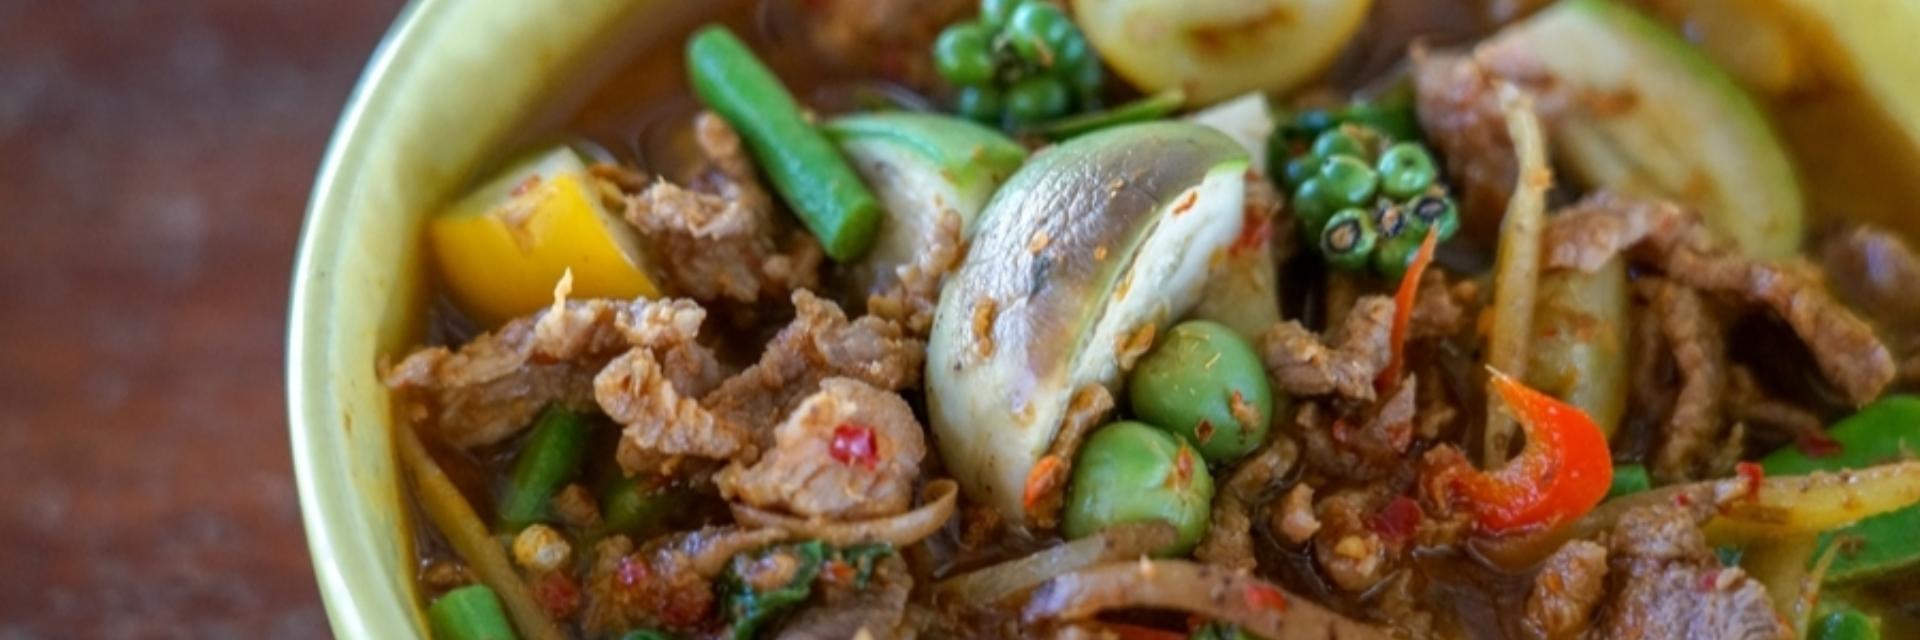 อร่อยครบทุกรสเผ็ด ต้องยกให้ แกงป่าเมืองกาญจน์ ที่มีมาแต่โบราณของ จ.กาญจนบุรี